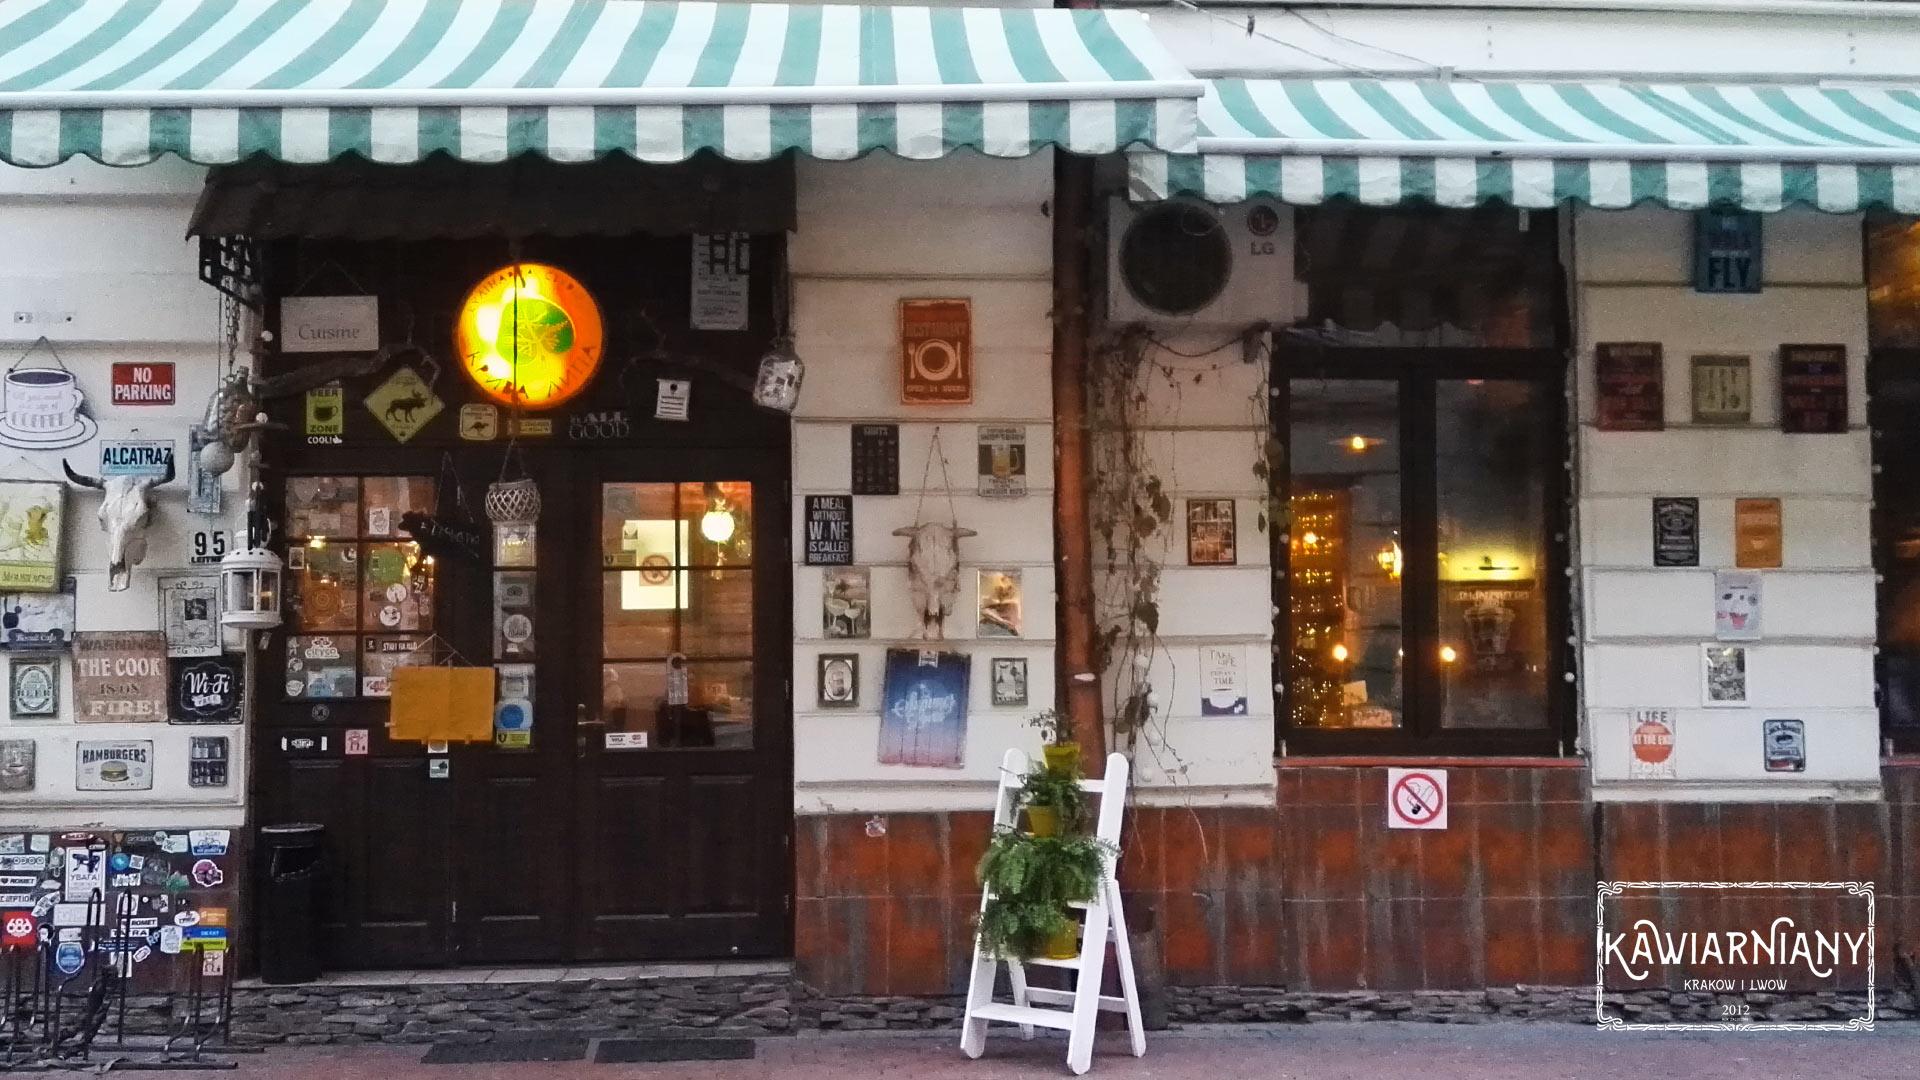 Culinary Studio Kryva Lypa (Krzywa Lipa), Pasaż Krzywa Lipa 8, Lwów